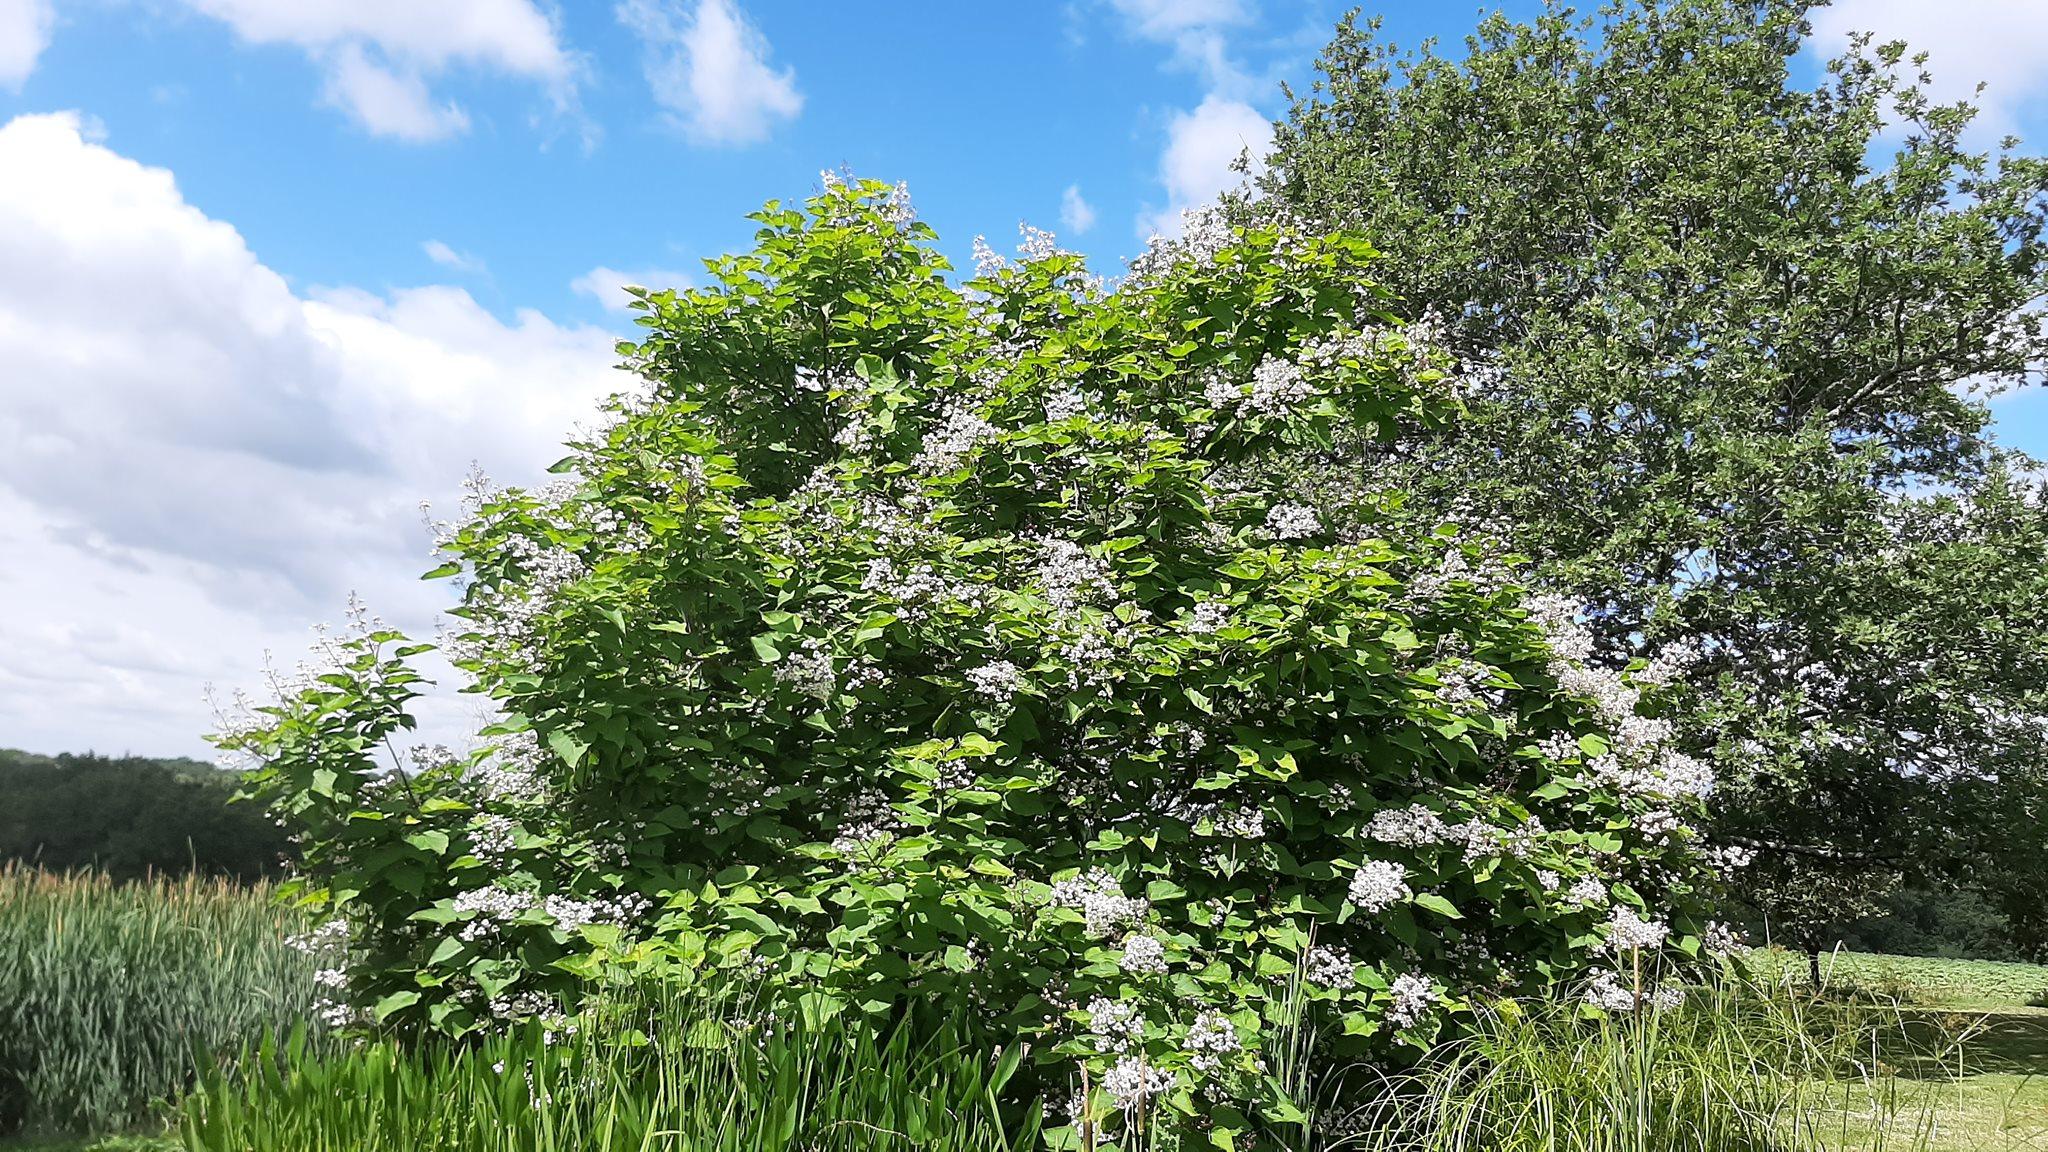 L'arbre aux haricots en pleine floraison